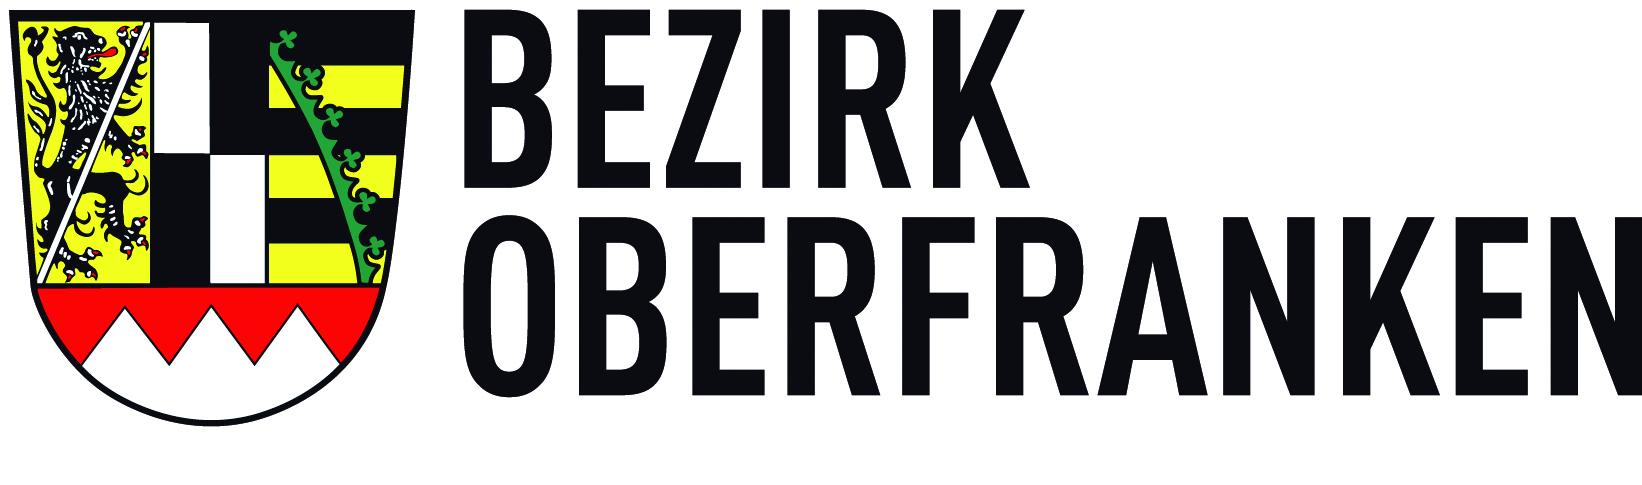 logo_bezirk_oberfranken_ohneSlogan_4c.jpg